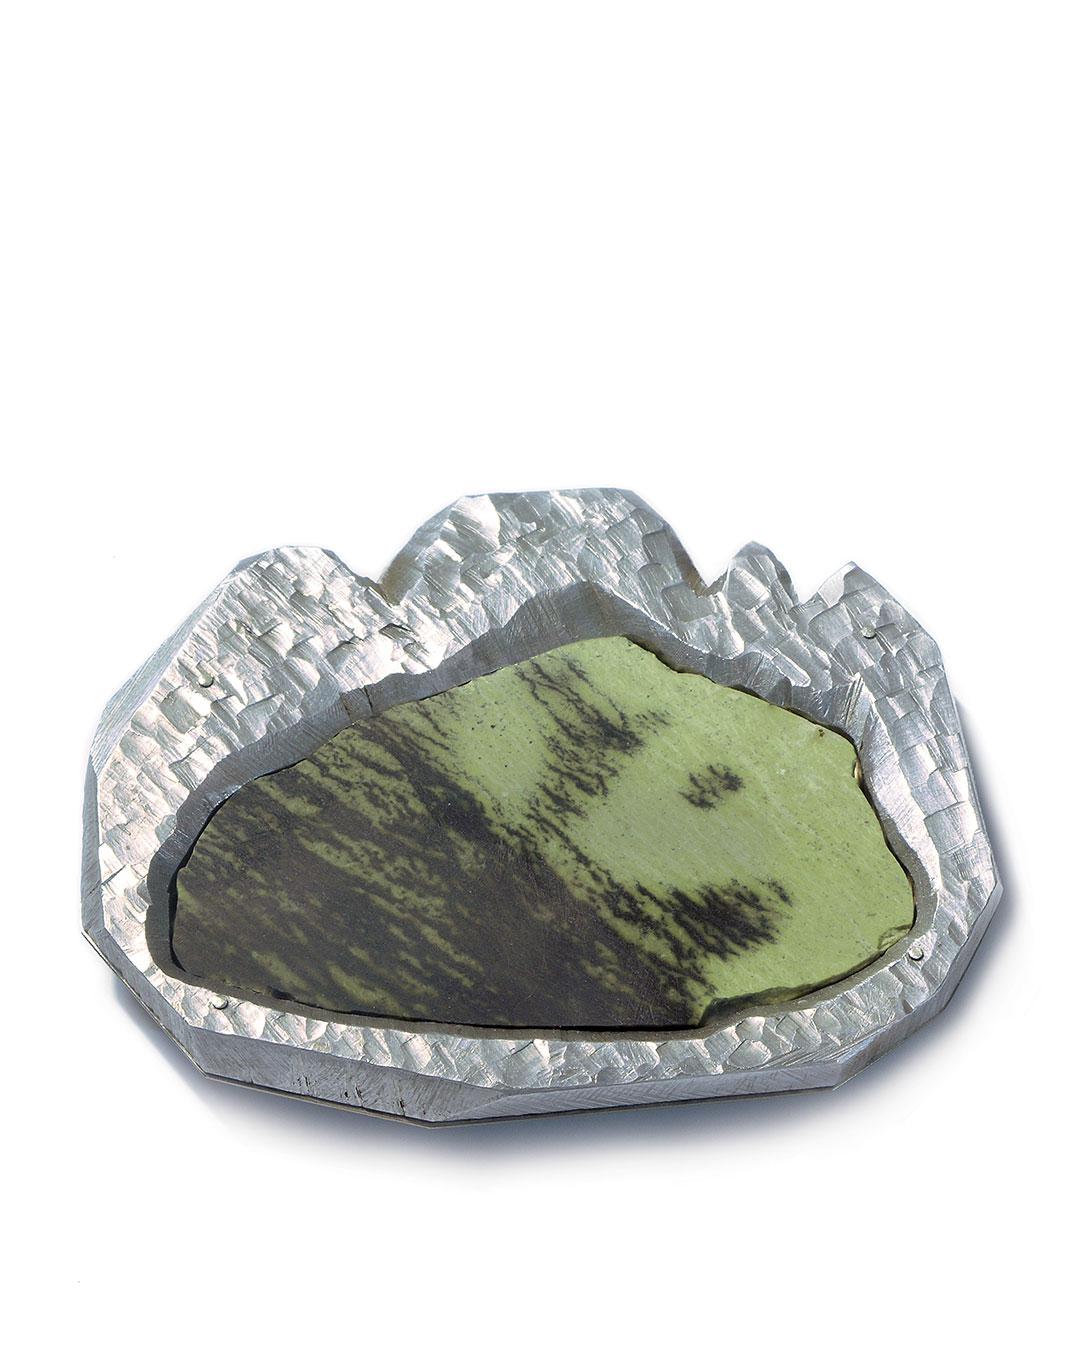 Sybille Richter, Berge (Mountains), 2009, brooch; aluminium, titanium, serpentine, 80 x 65 x 10 mm, €780